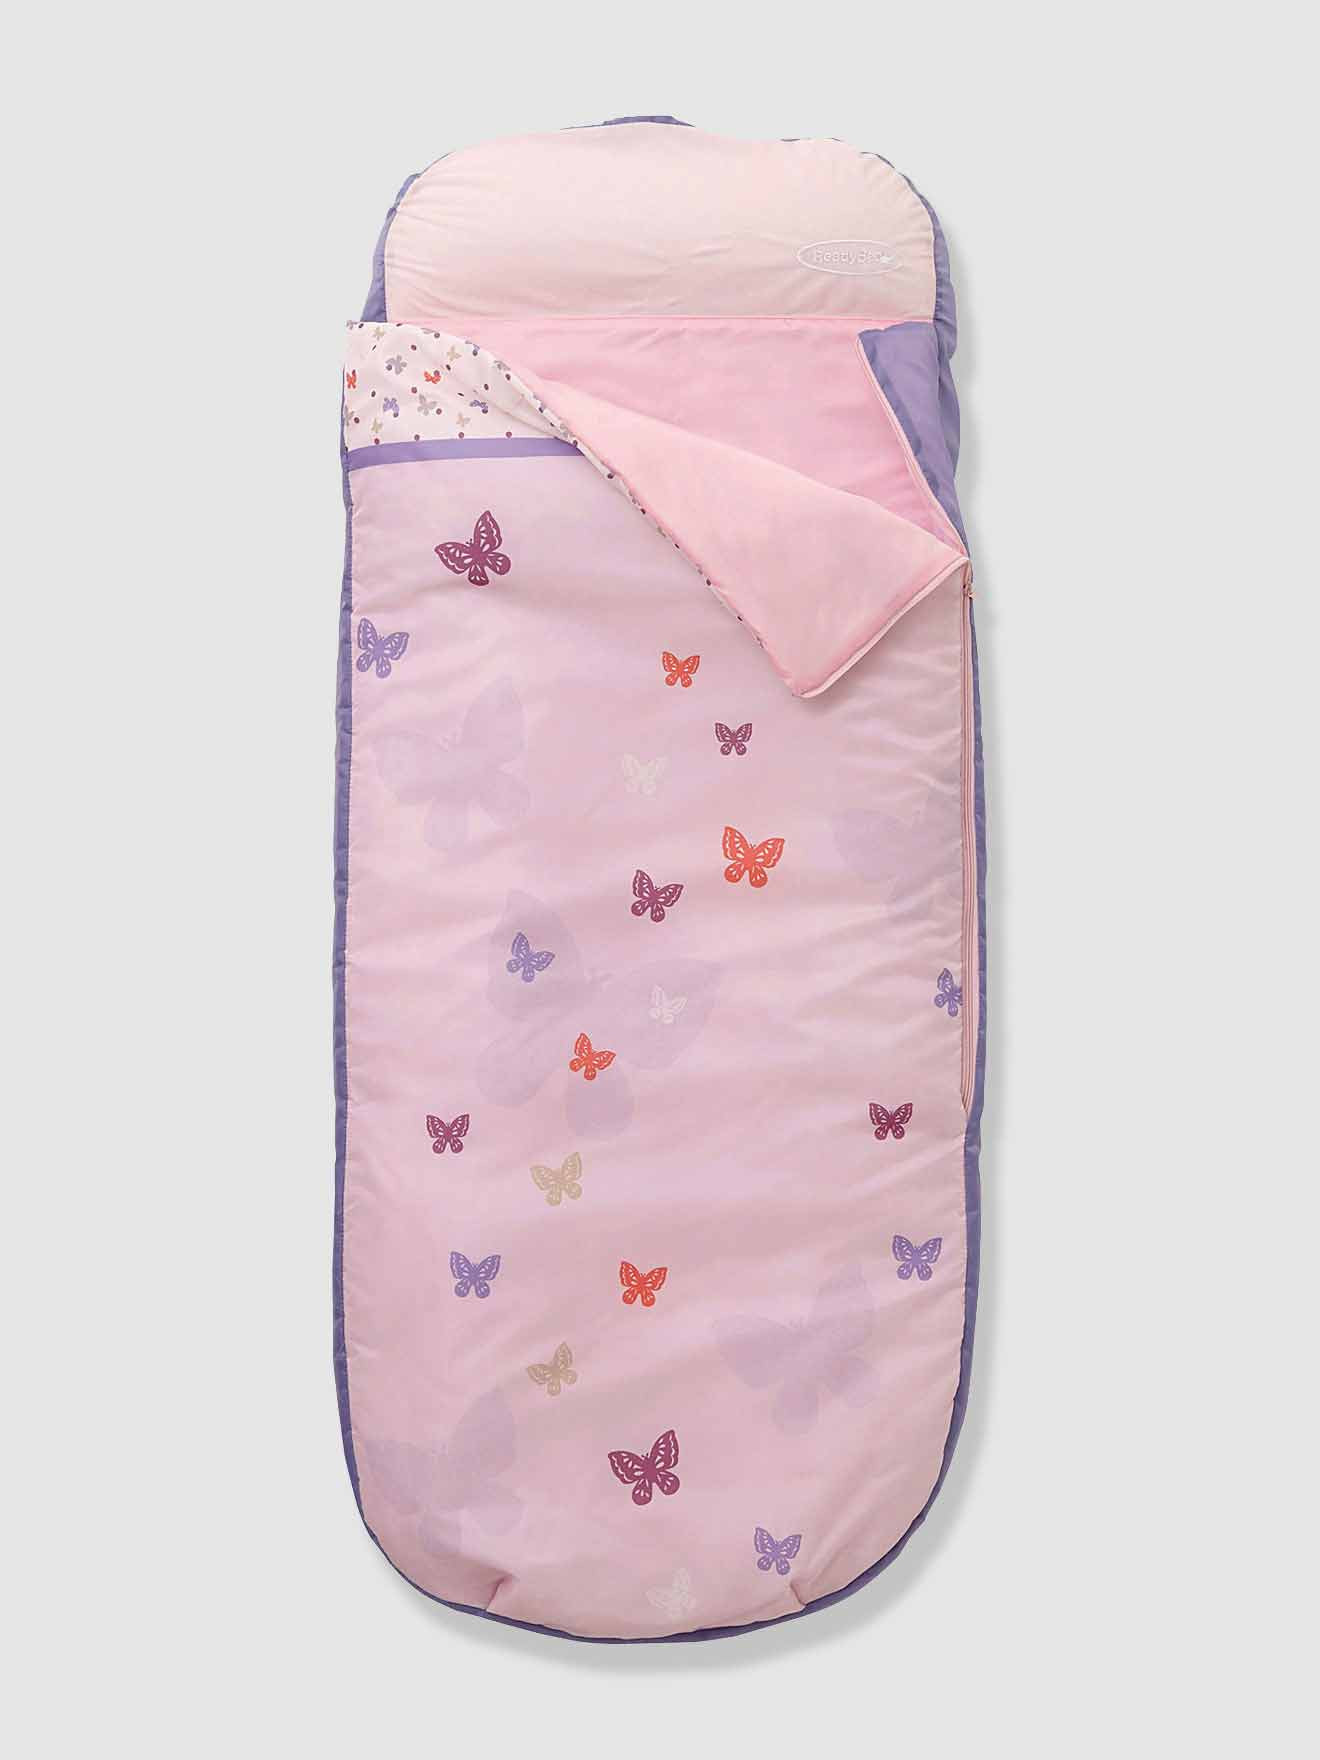 Sac de couchage avec matelas int gr vertbaudet avis - Sac de couchage fille avec matelas integre ...